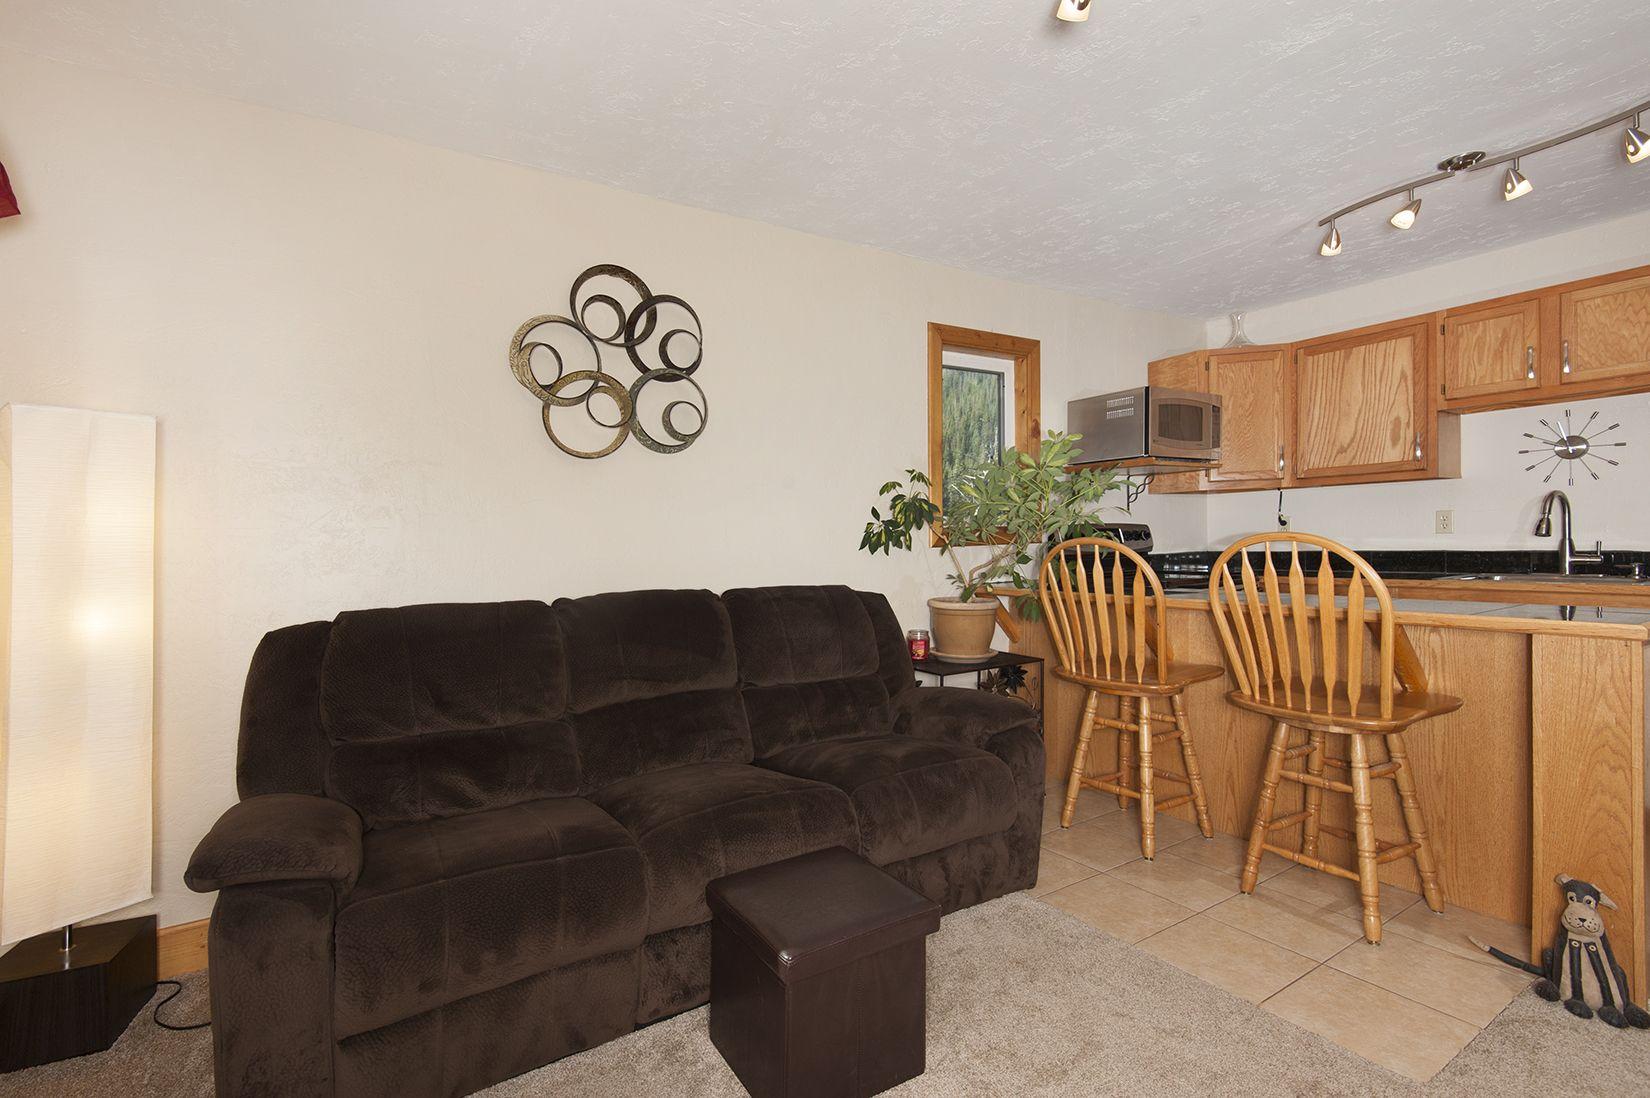 4192 State Hwy 9 # 20L BRECKENRIDGE, Colorado 80424